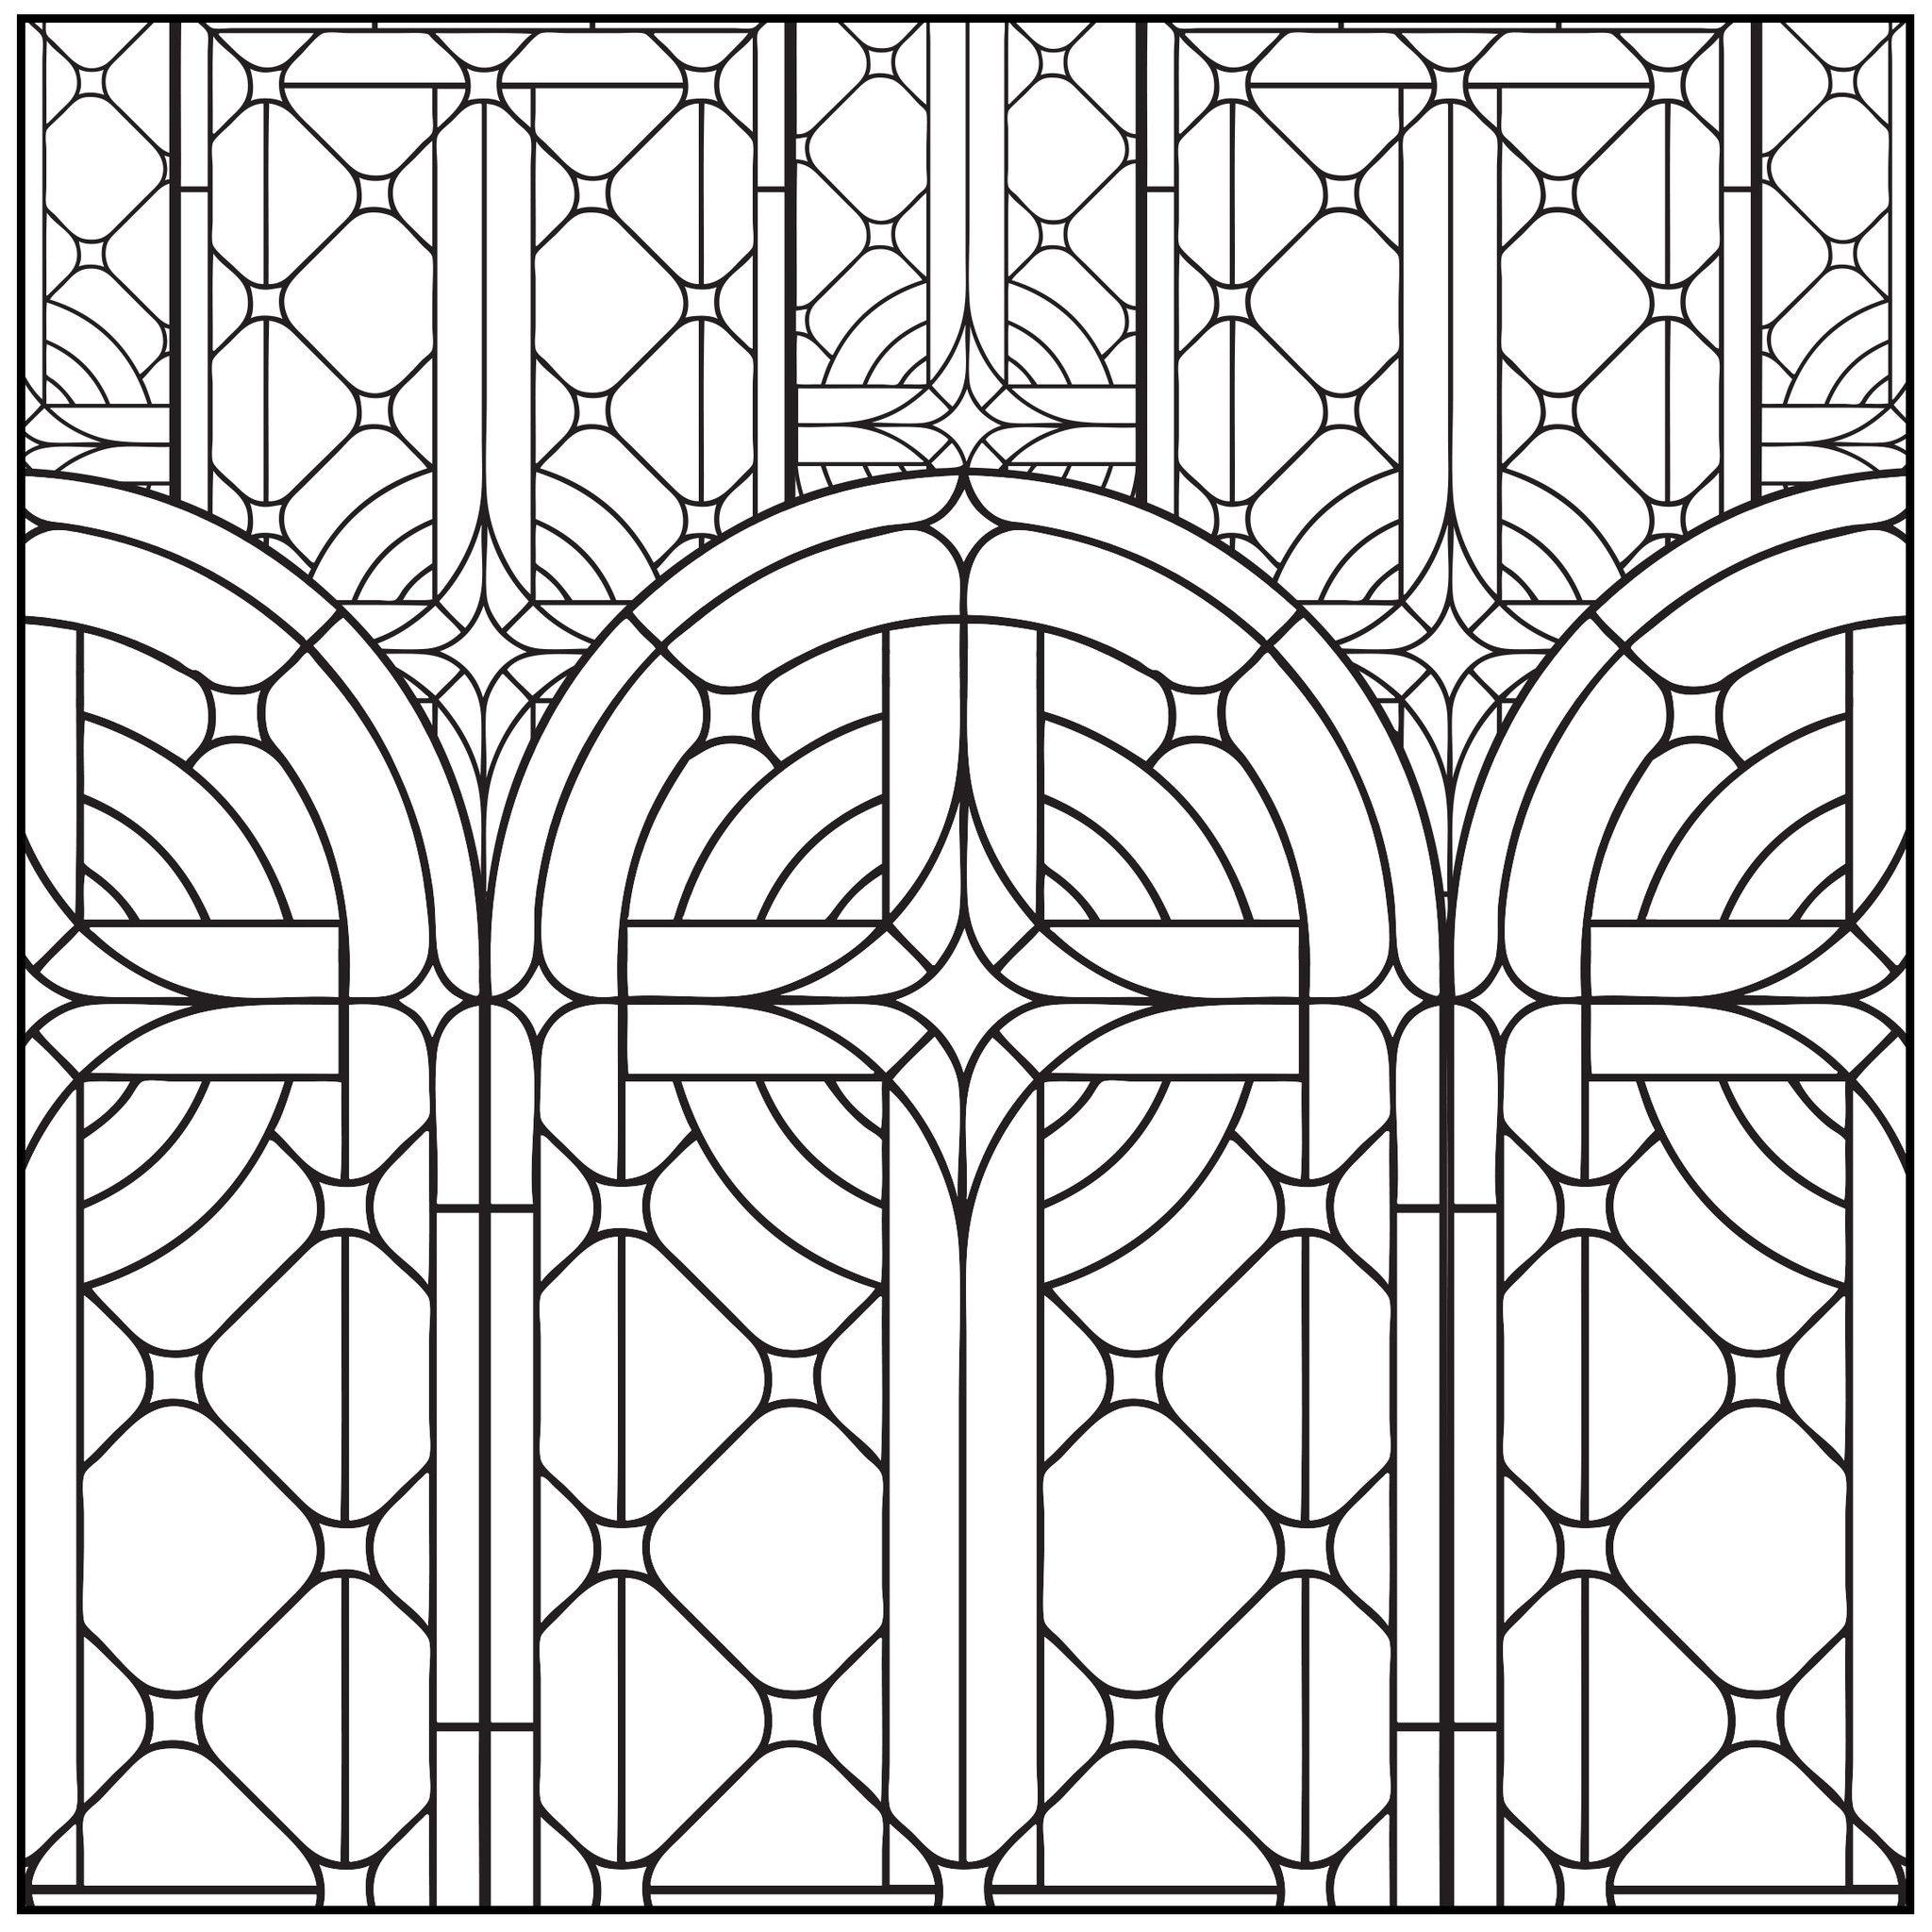 Coloriage colorier le vitrail pinterest coloriage colorier et vitraux - Vitraux a colorier ...